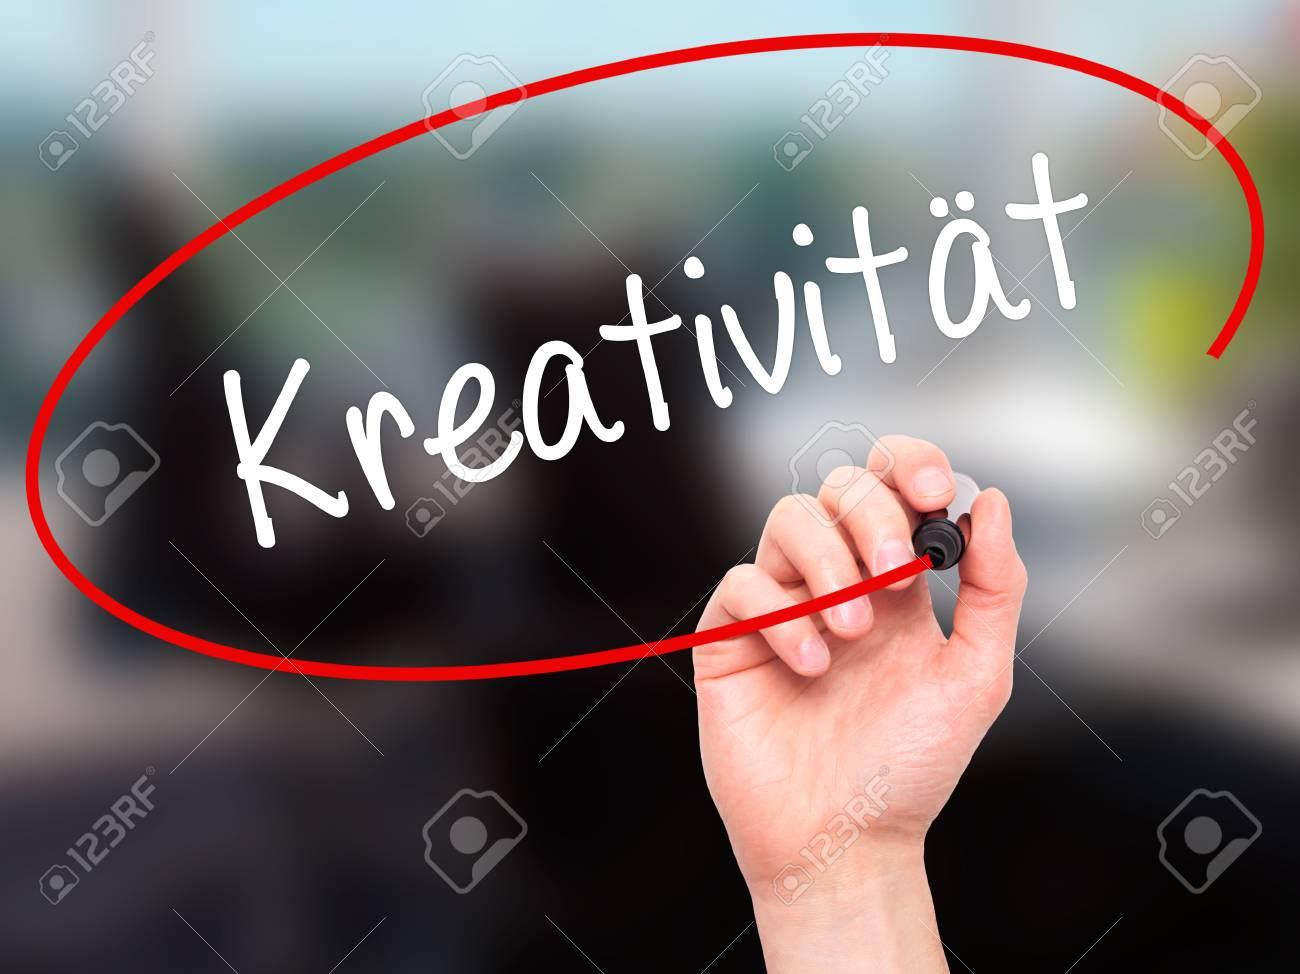 Ufficio In Tedesco : Man mano che scrive kreativit t creatività in tedesco con